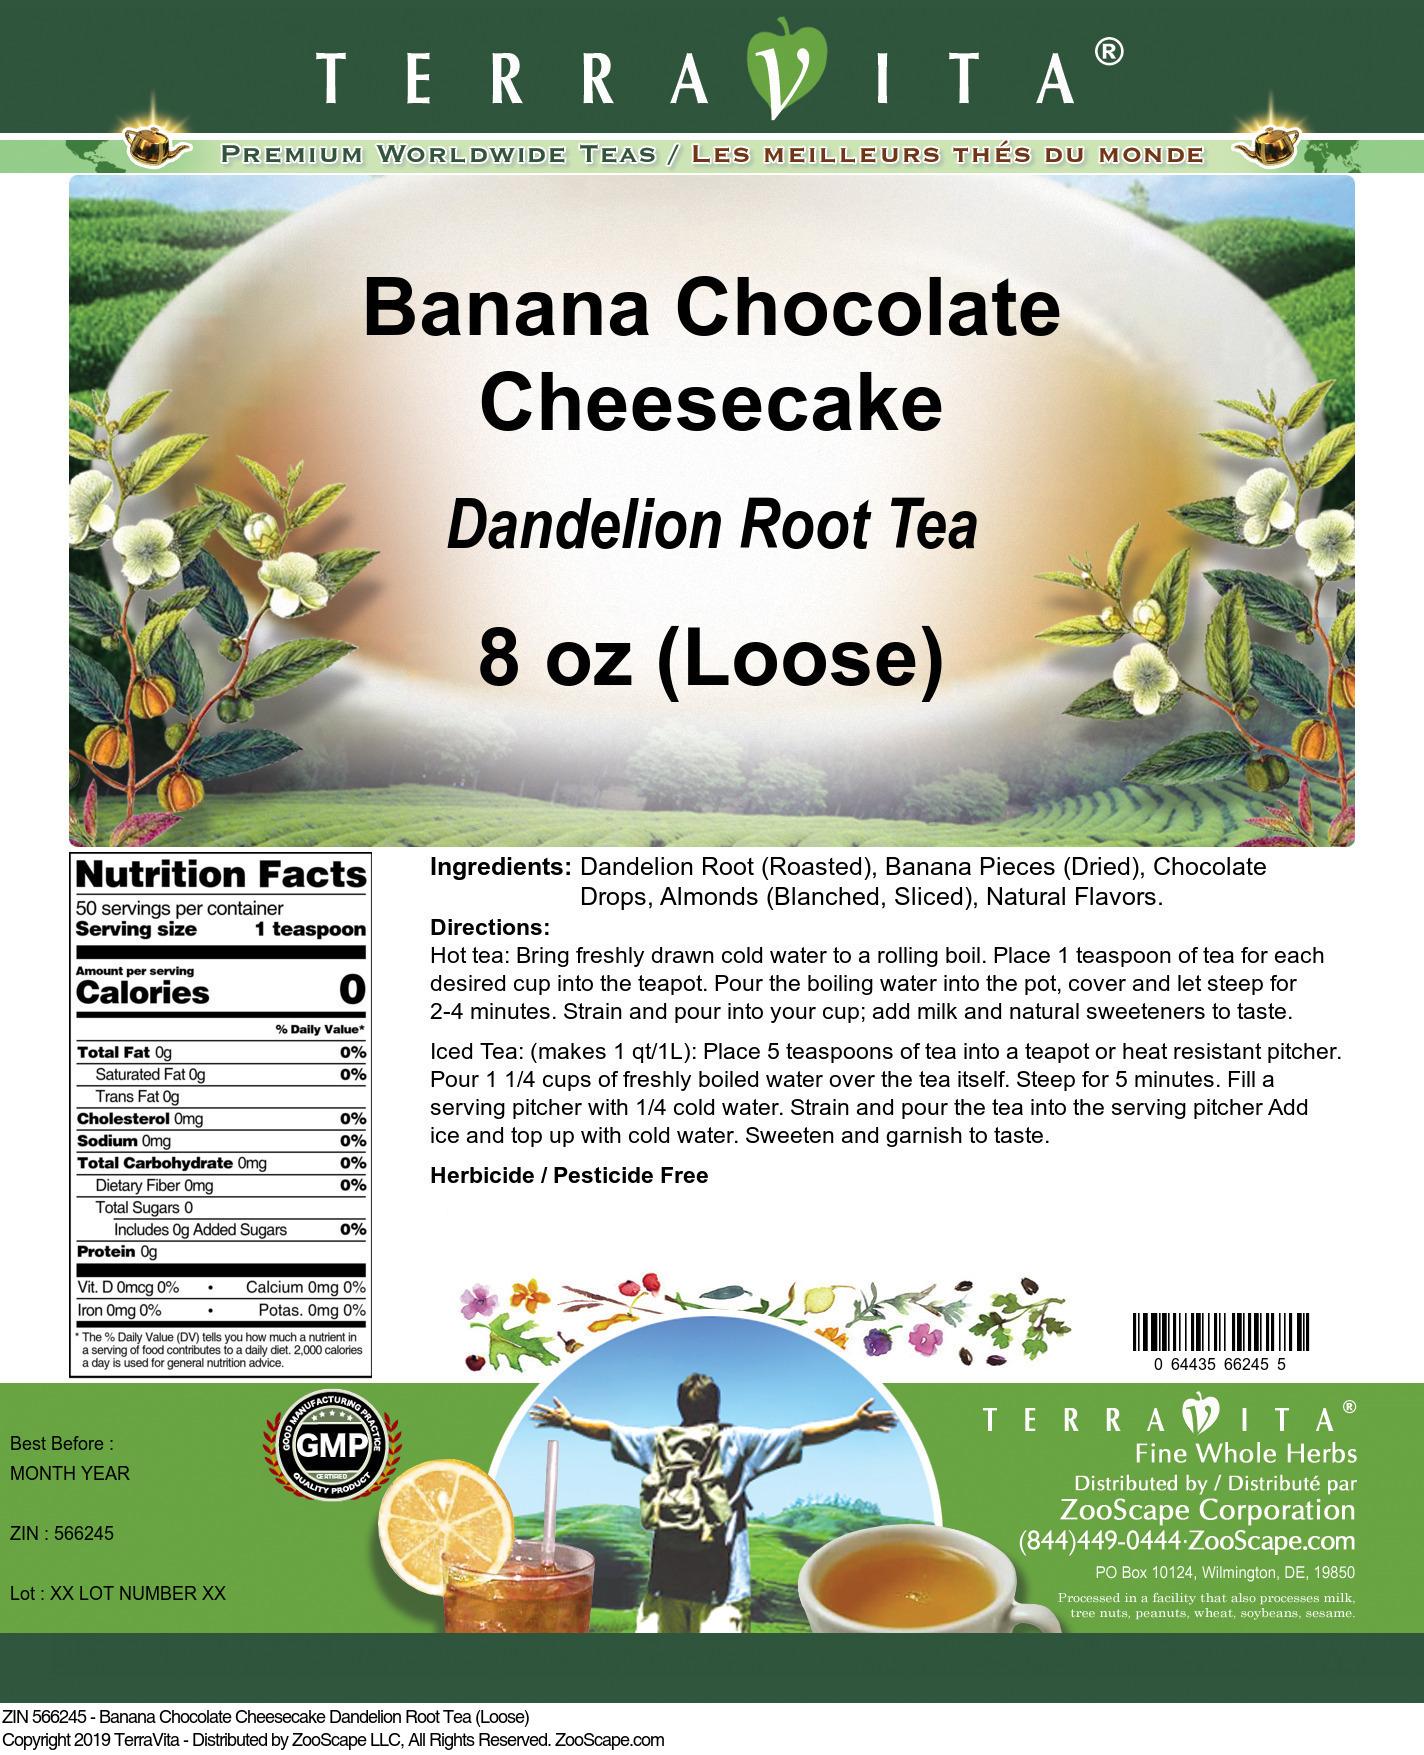 Banana Chocolate Cheesecake Dandelion Root